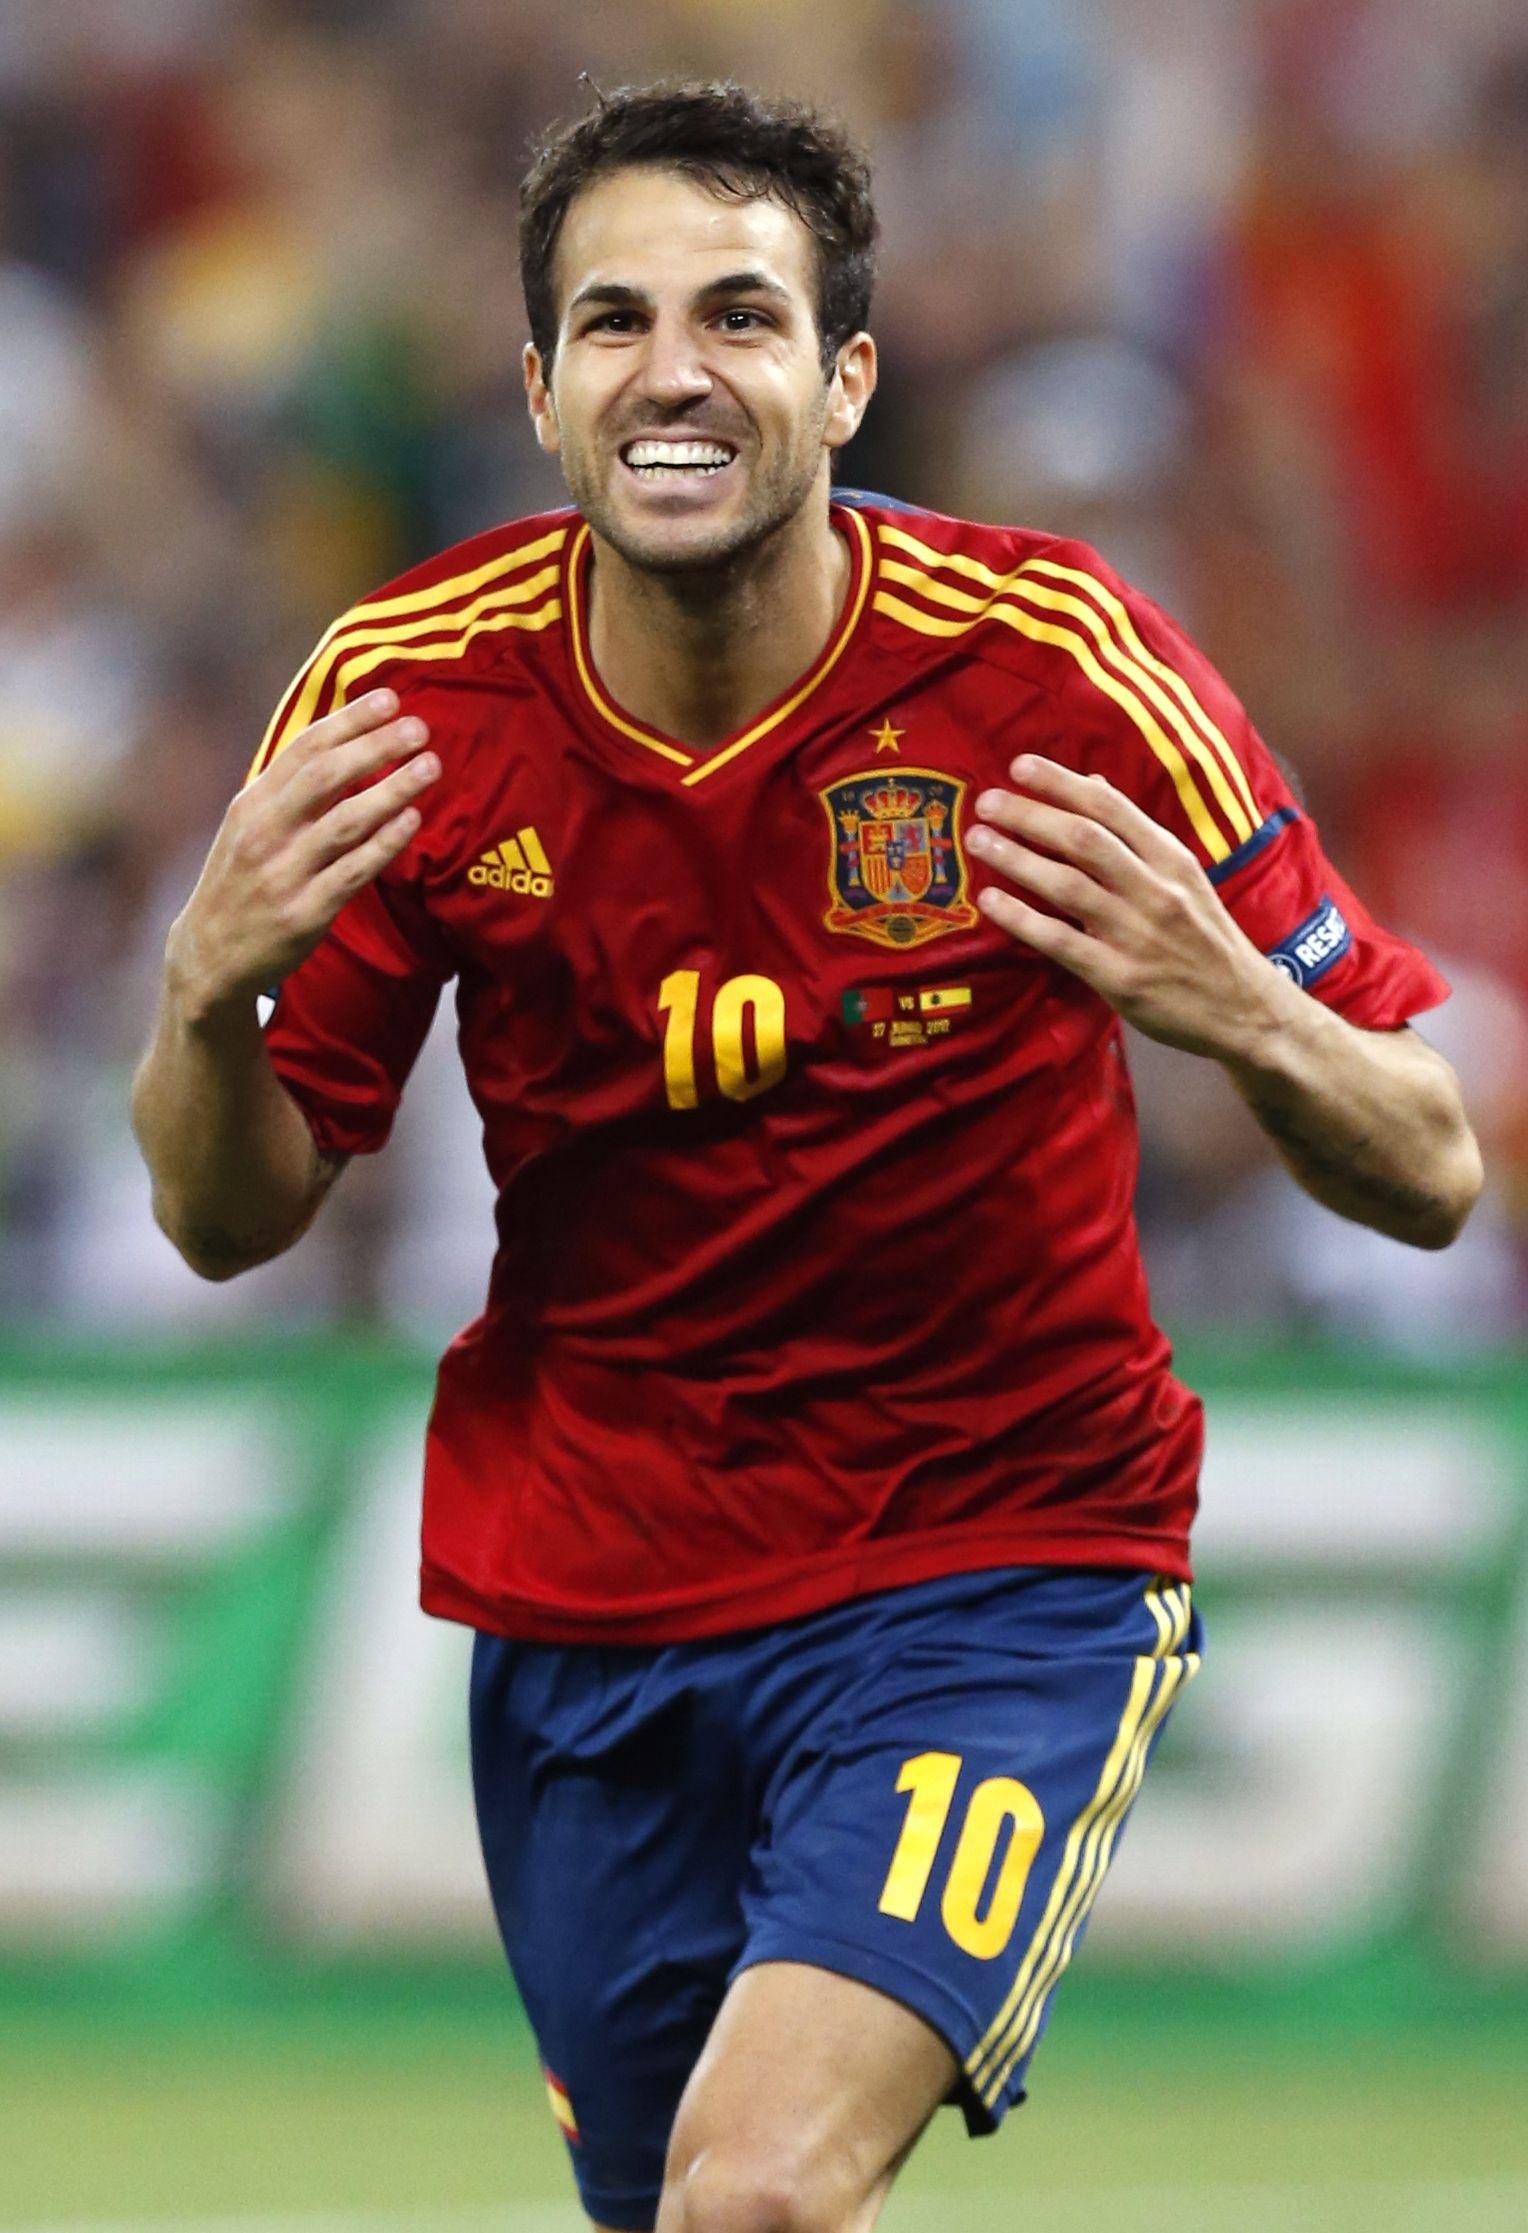 Super Torwart Spanien